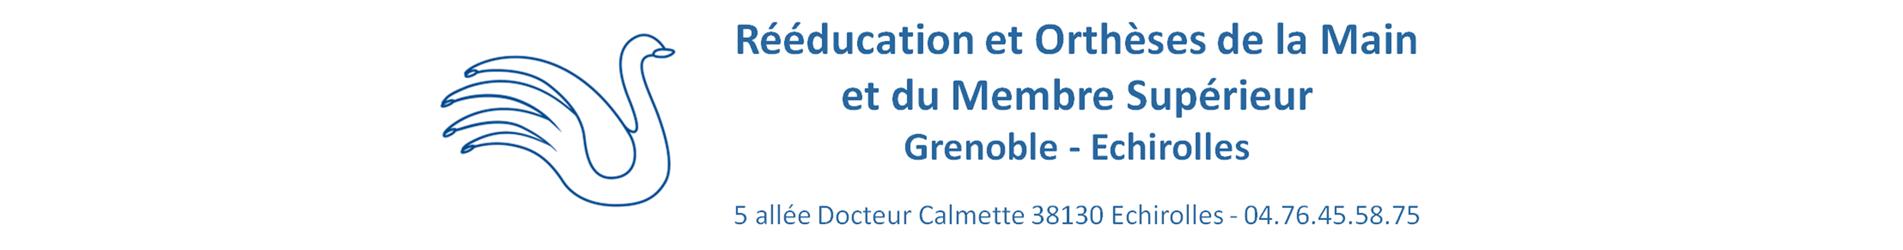 Denis GERLAC - Rééducation et Orthèse de la Main et du Membre Supérieur Grenoble - Echirolles